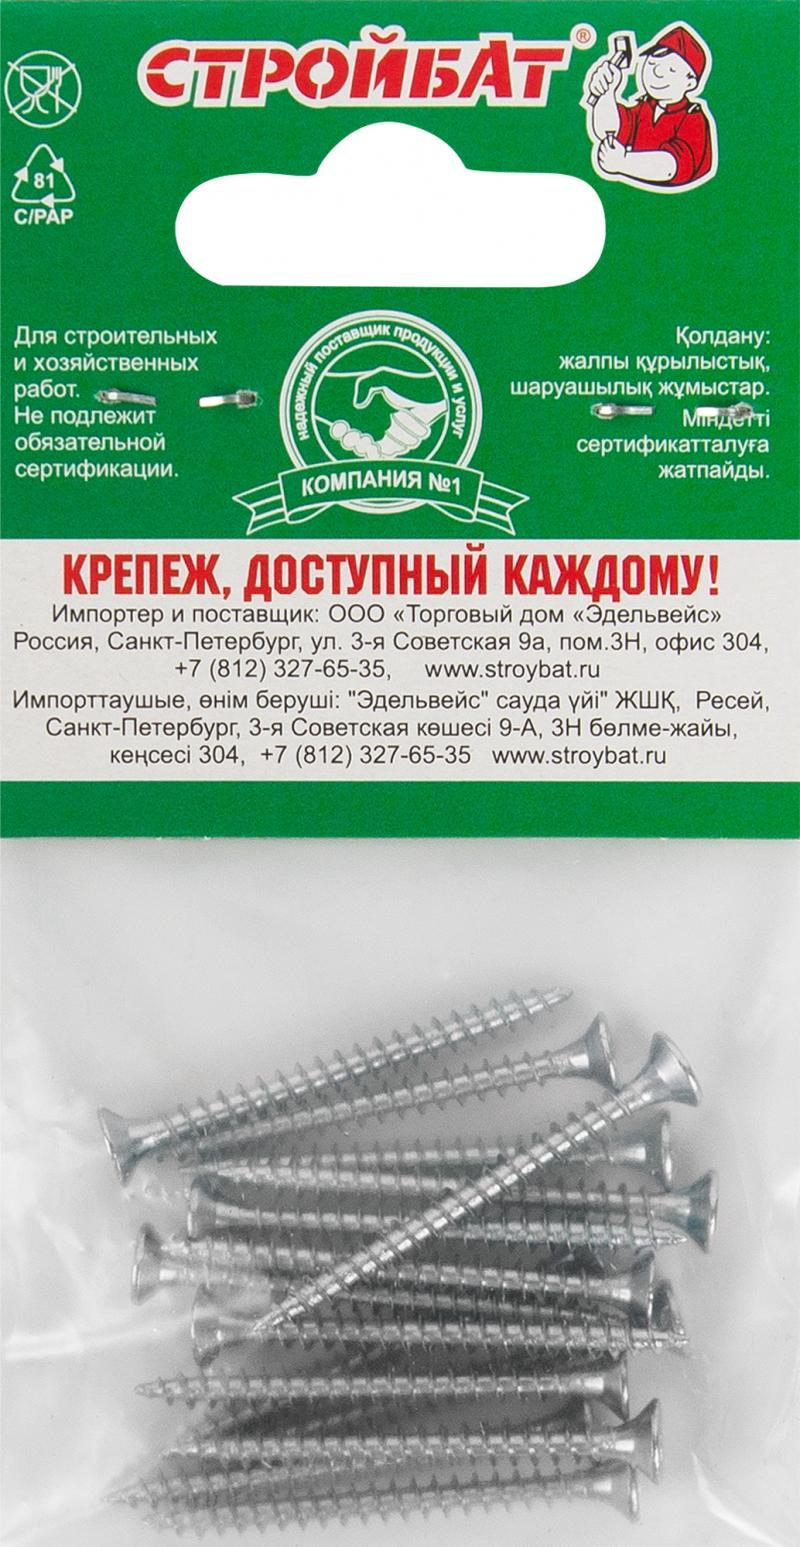 Саморезы универсальные, оцинкованные, 3.5Х40, упаковка 15 шт.